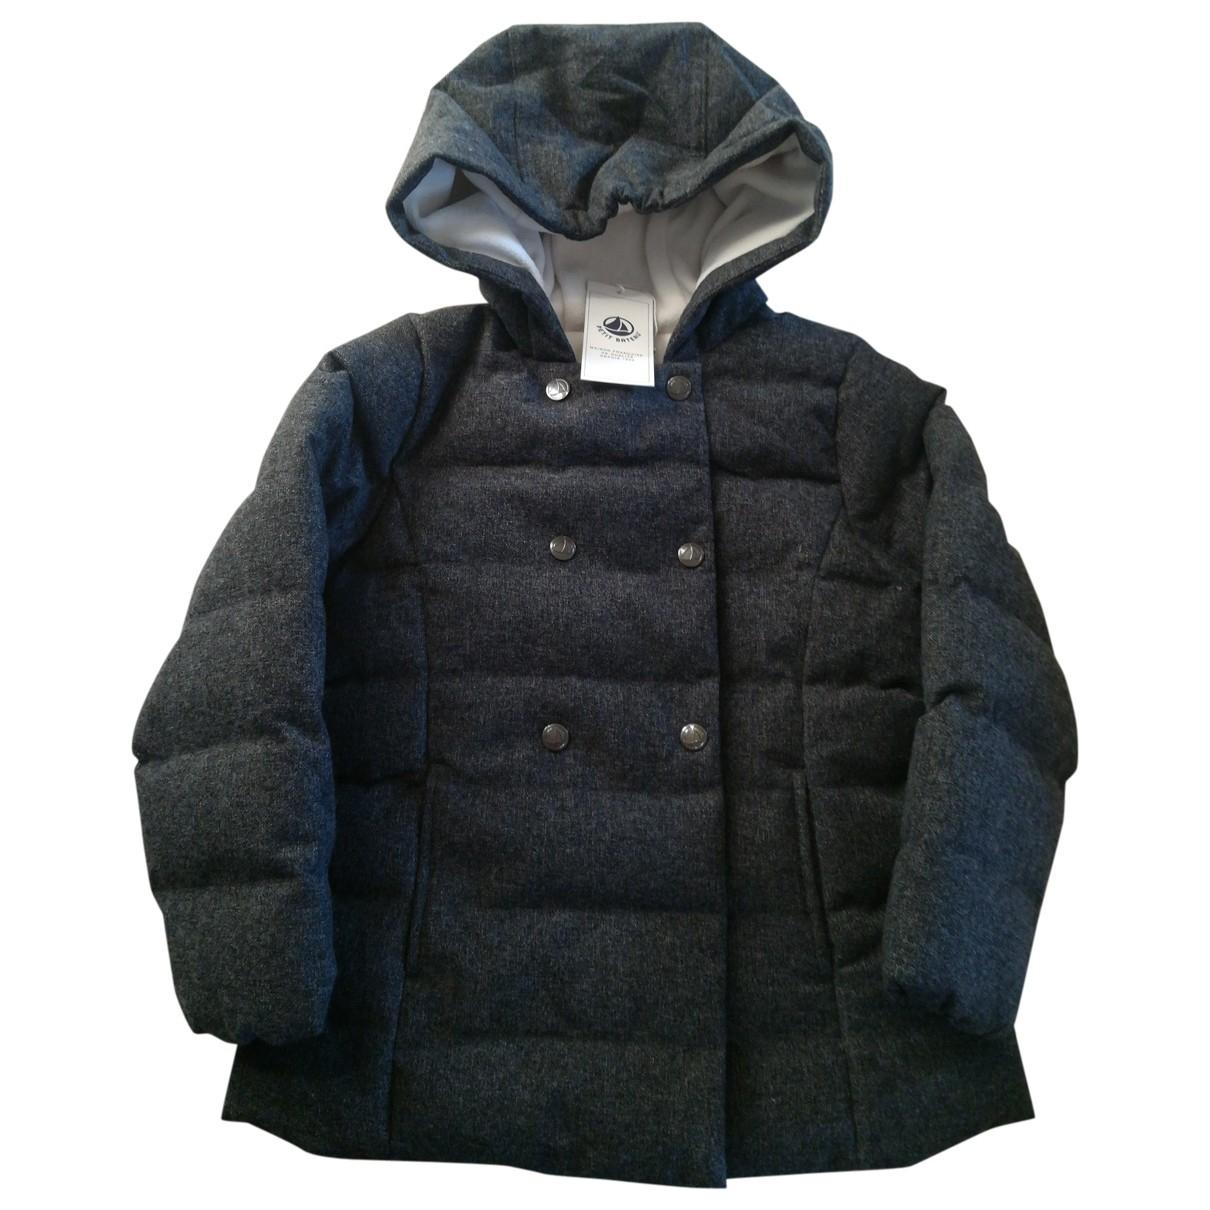 Petit Bateau - Blousons.Manteaux   pour enfant - gris